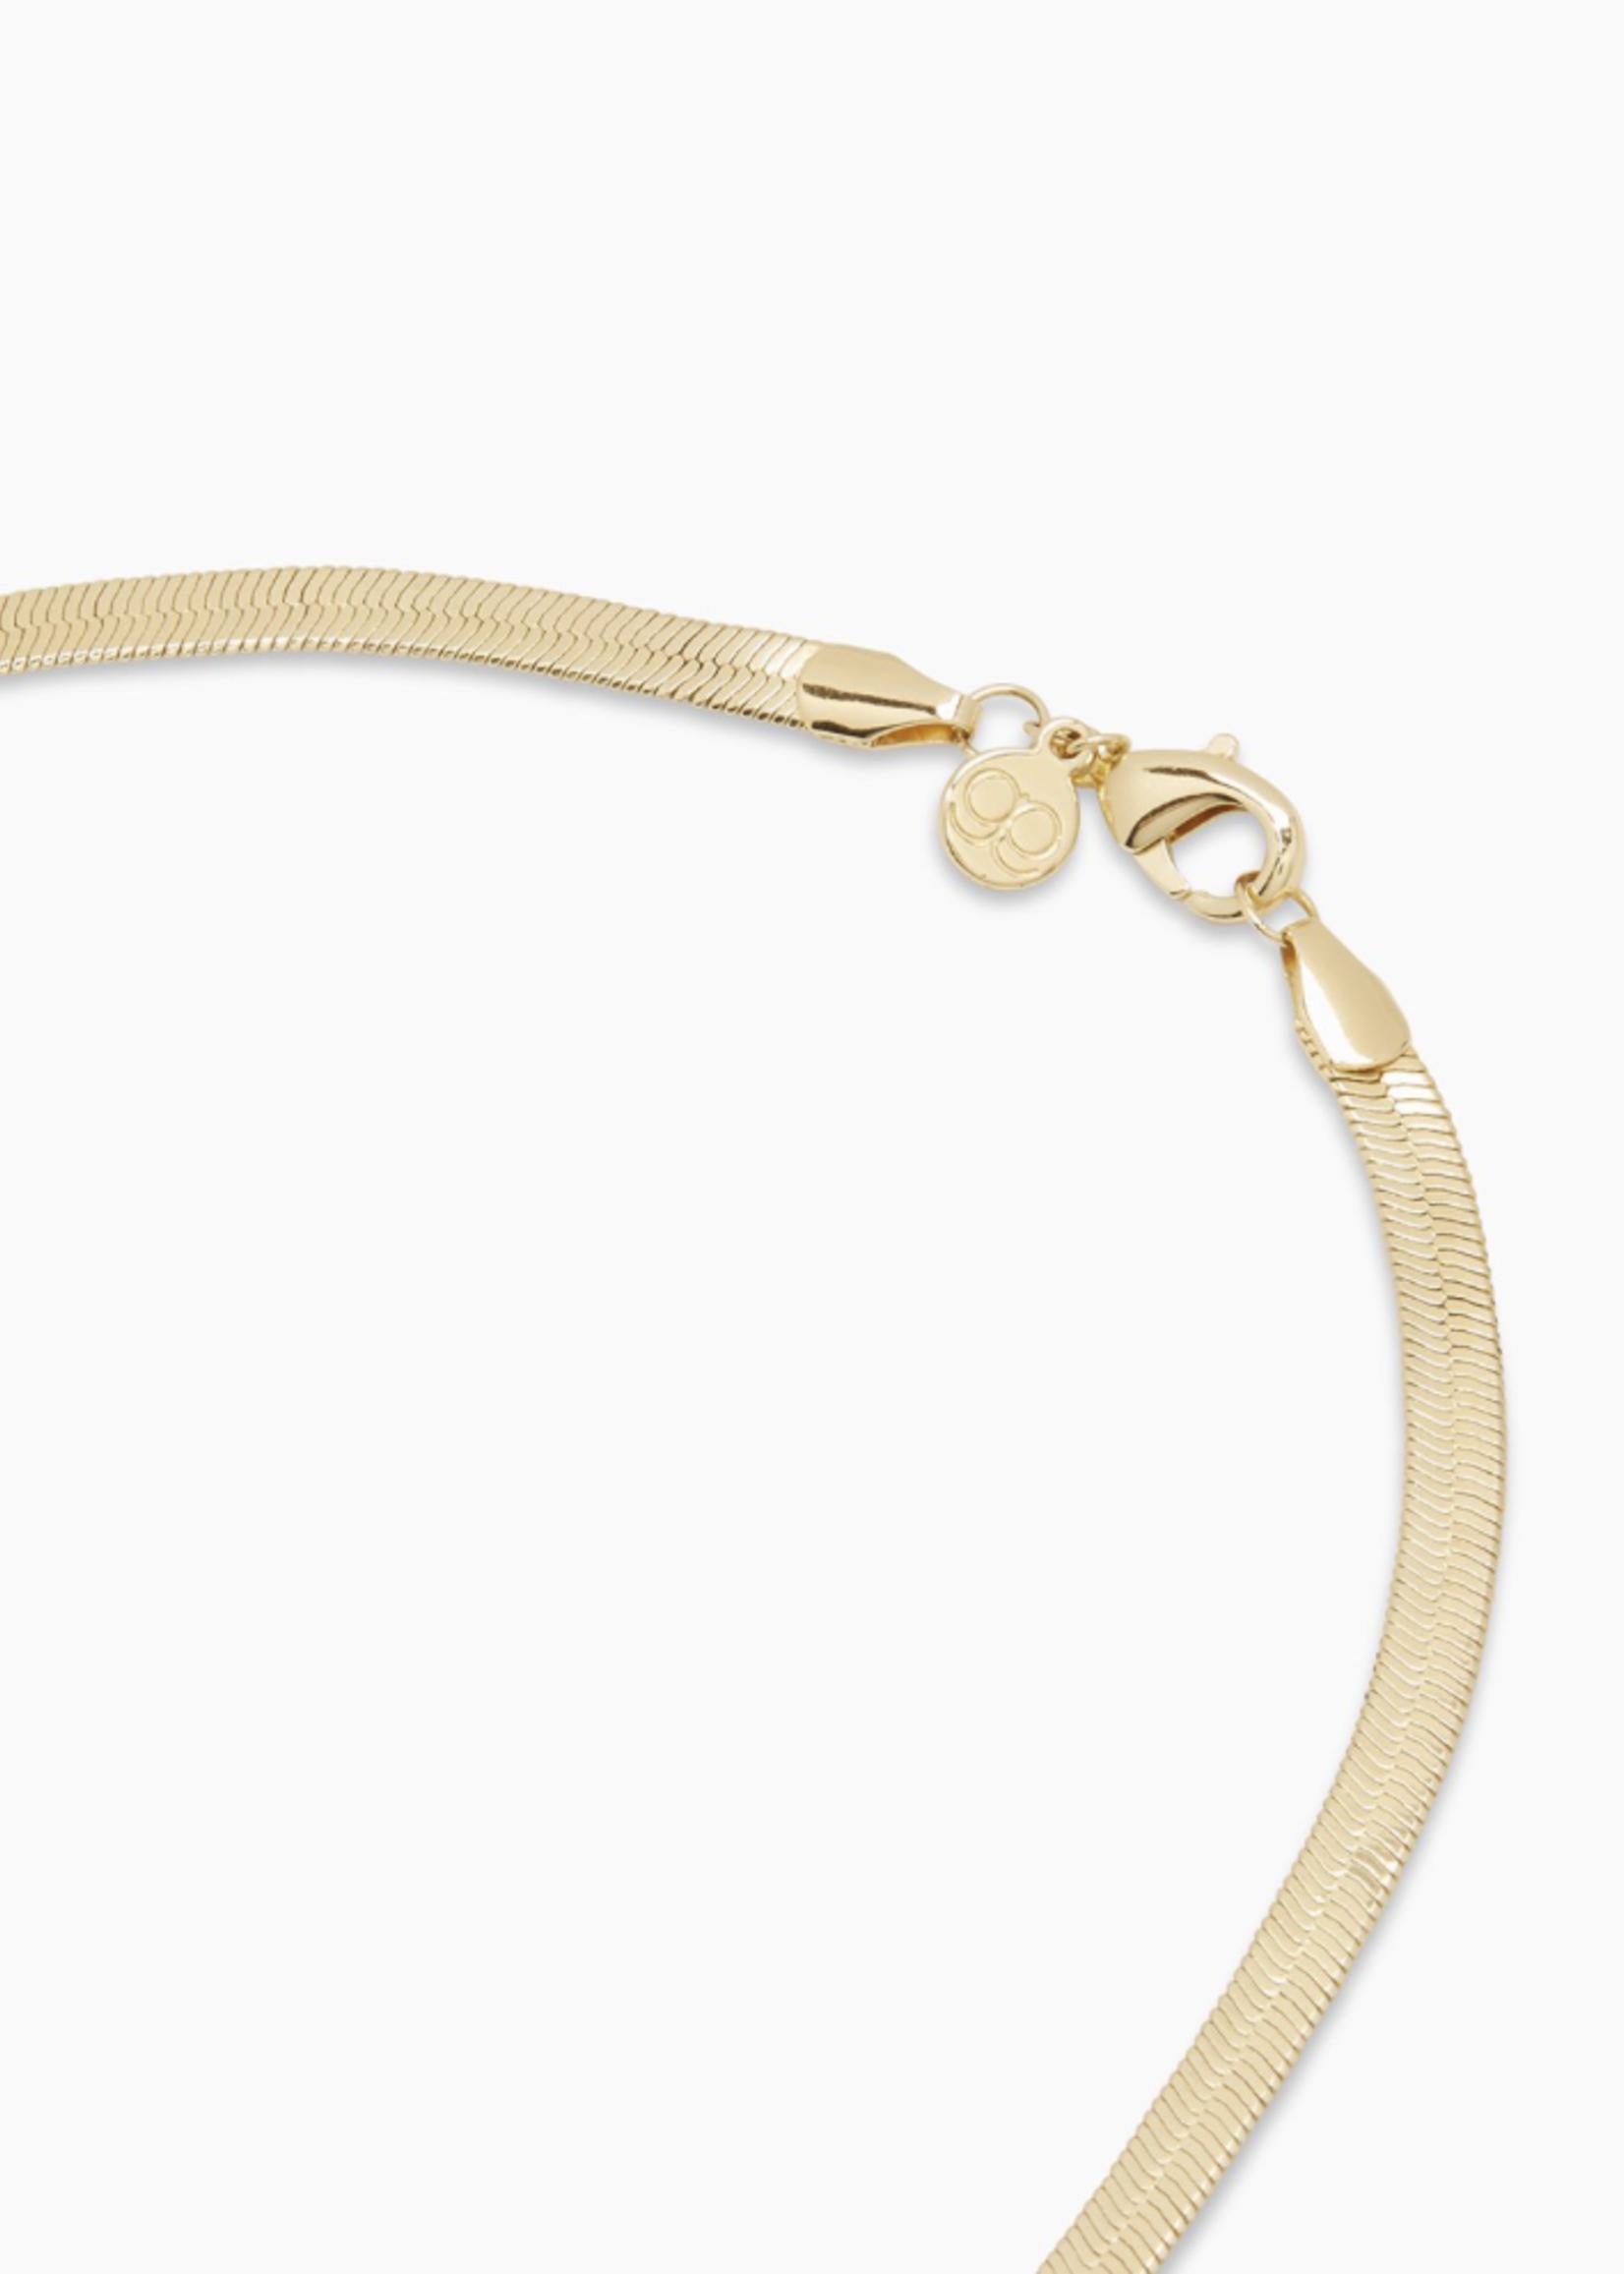 Gorjana Gorjana Venice Necklace